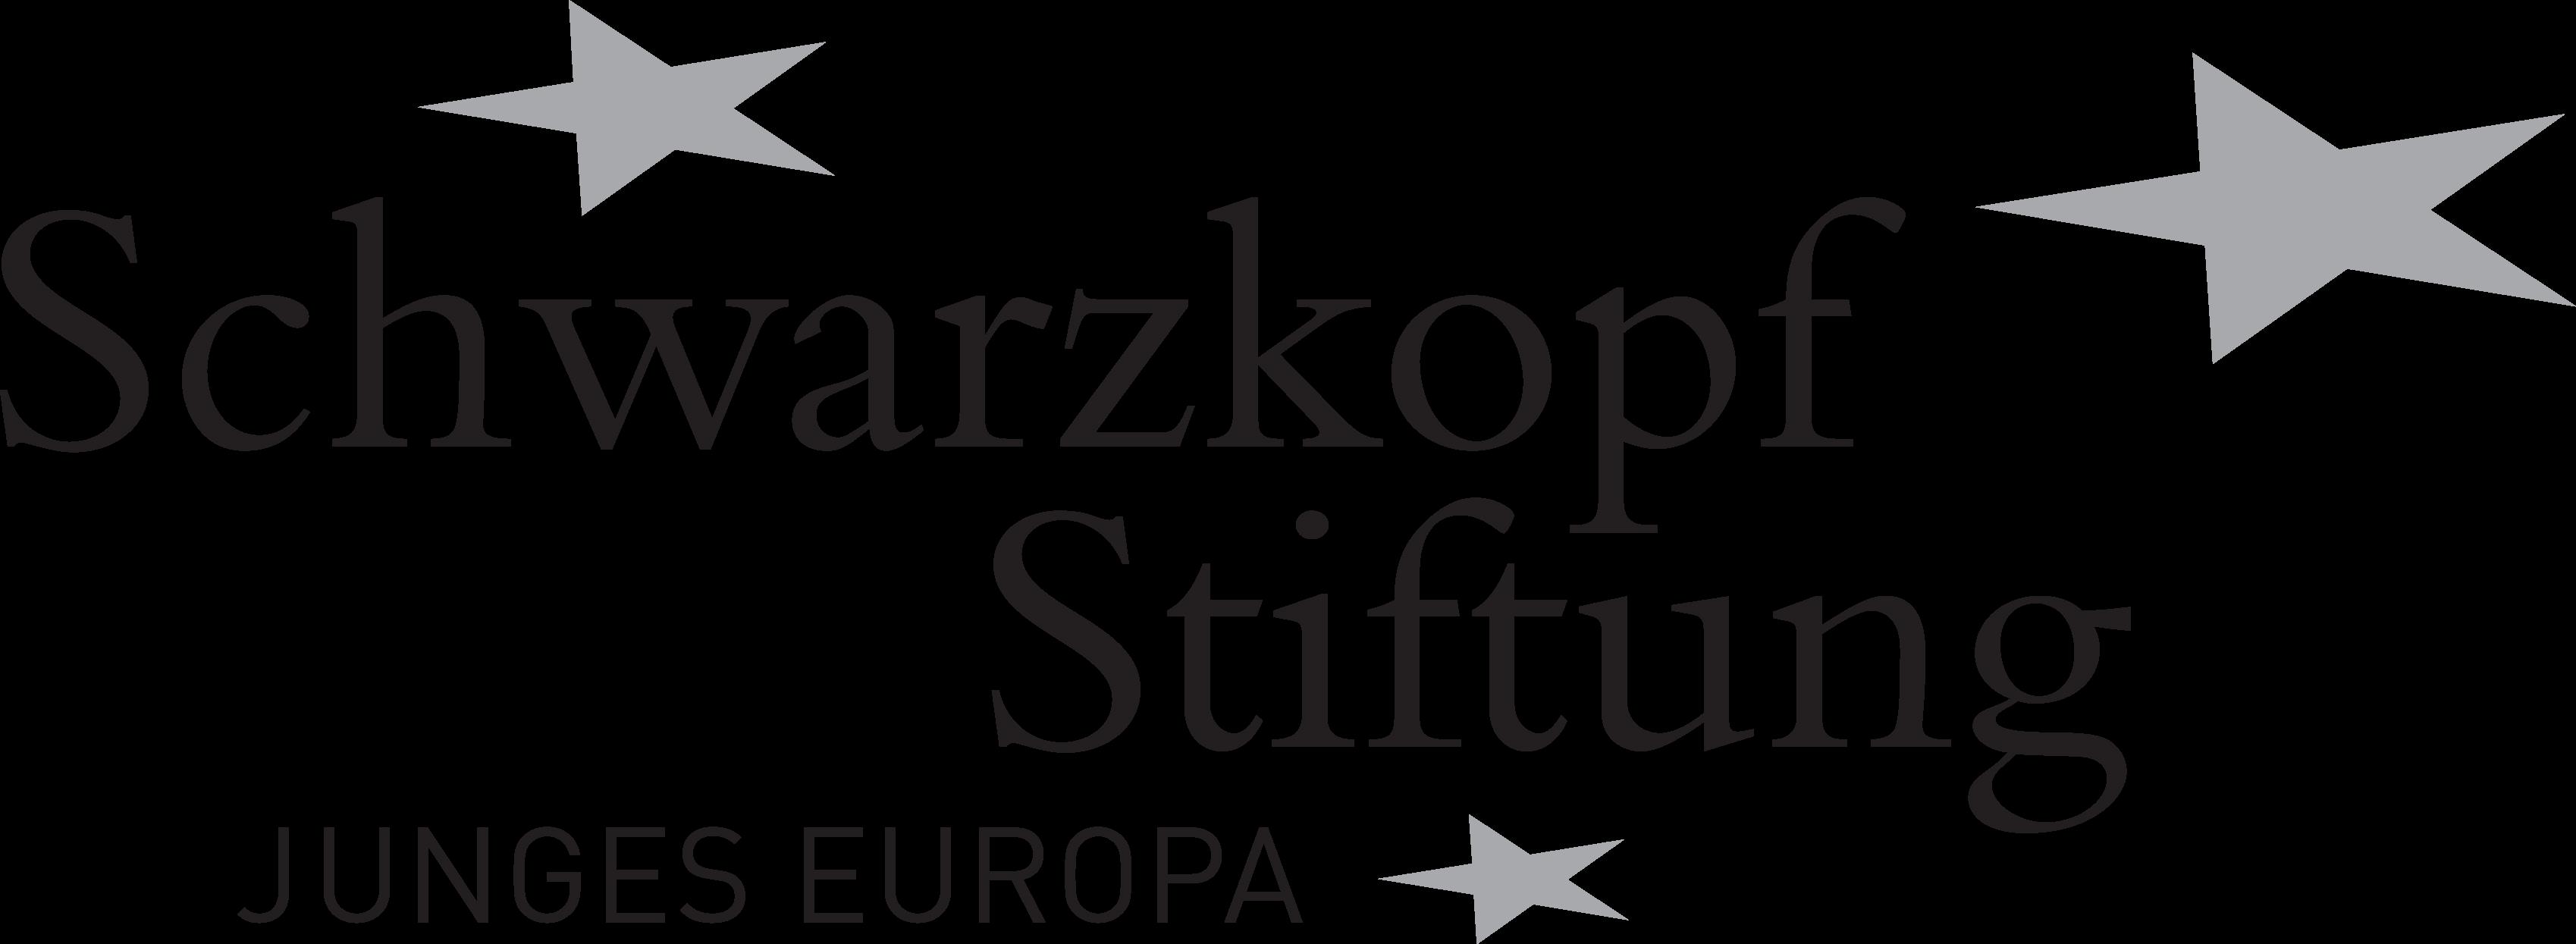 Schwarzkopf Stiftung